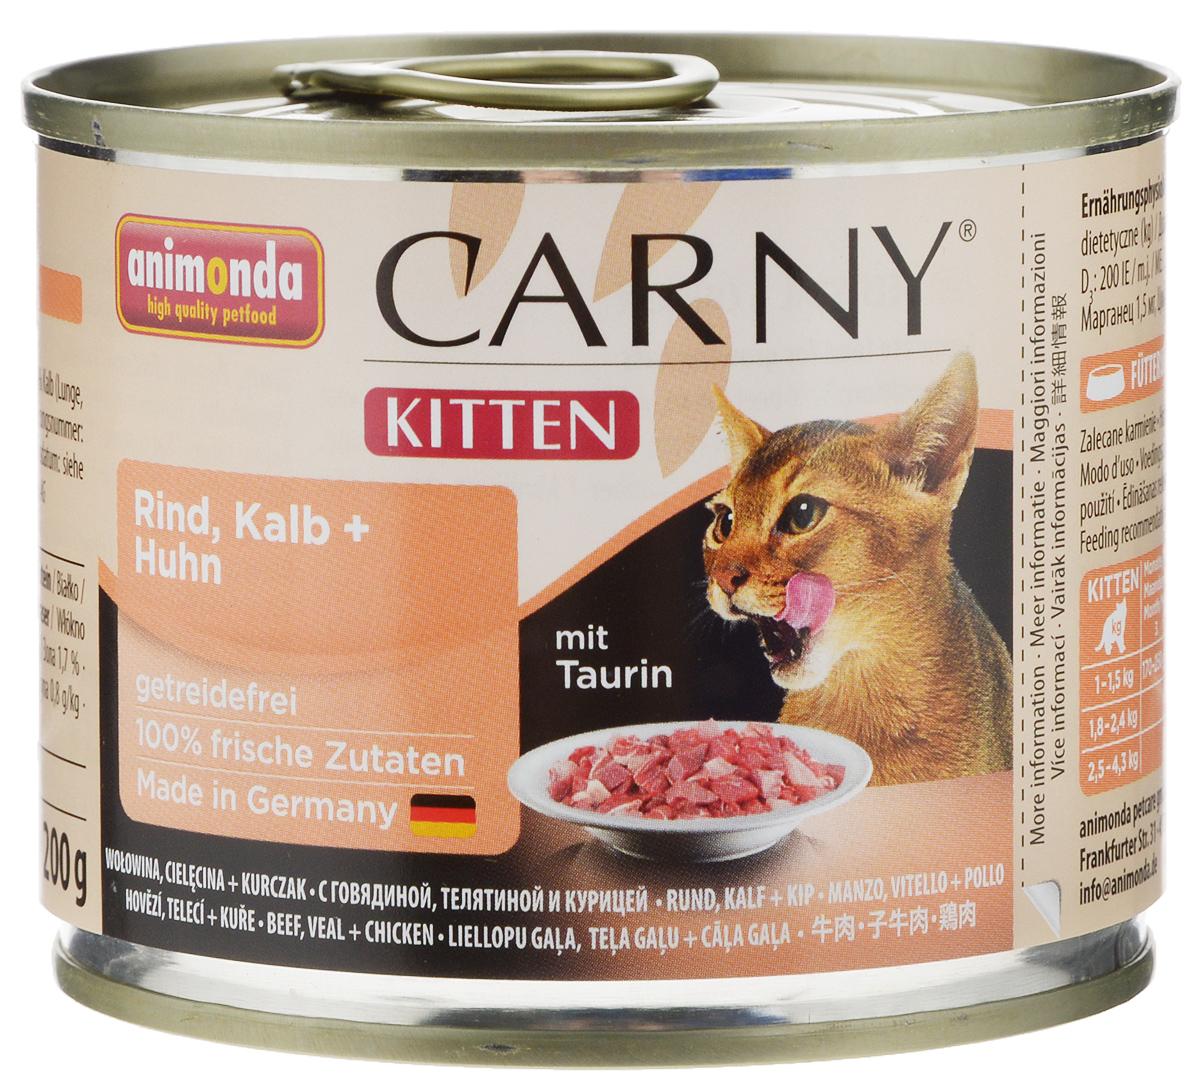 Консервы Animonda Carny для котят, с говядиной, телятиной и курицей, 200 г0120710Консервы Animonda Carny - это высококачественное полноценное консервированное питание для котят. Товар сертифицирован.